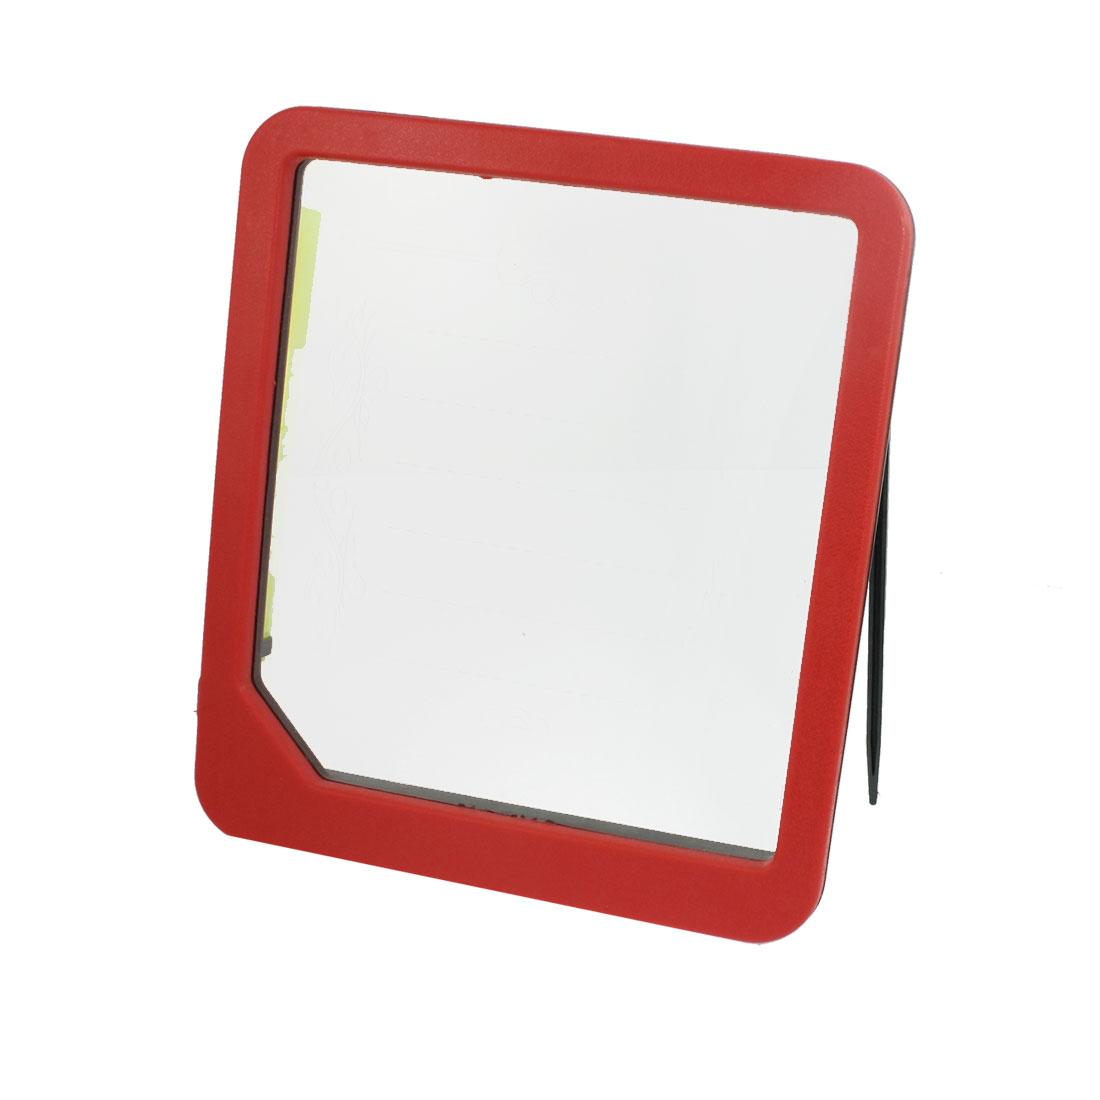 22.5cm x 20cm Red Black Plastic Frame Blue LED Light Message Menu Sign Board